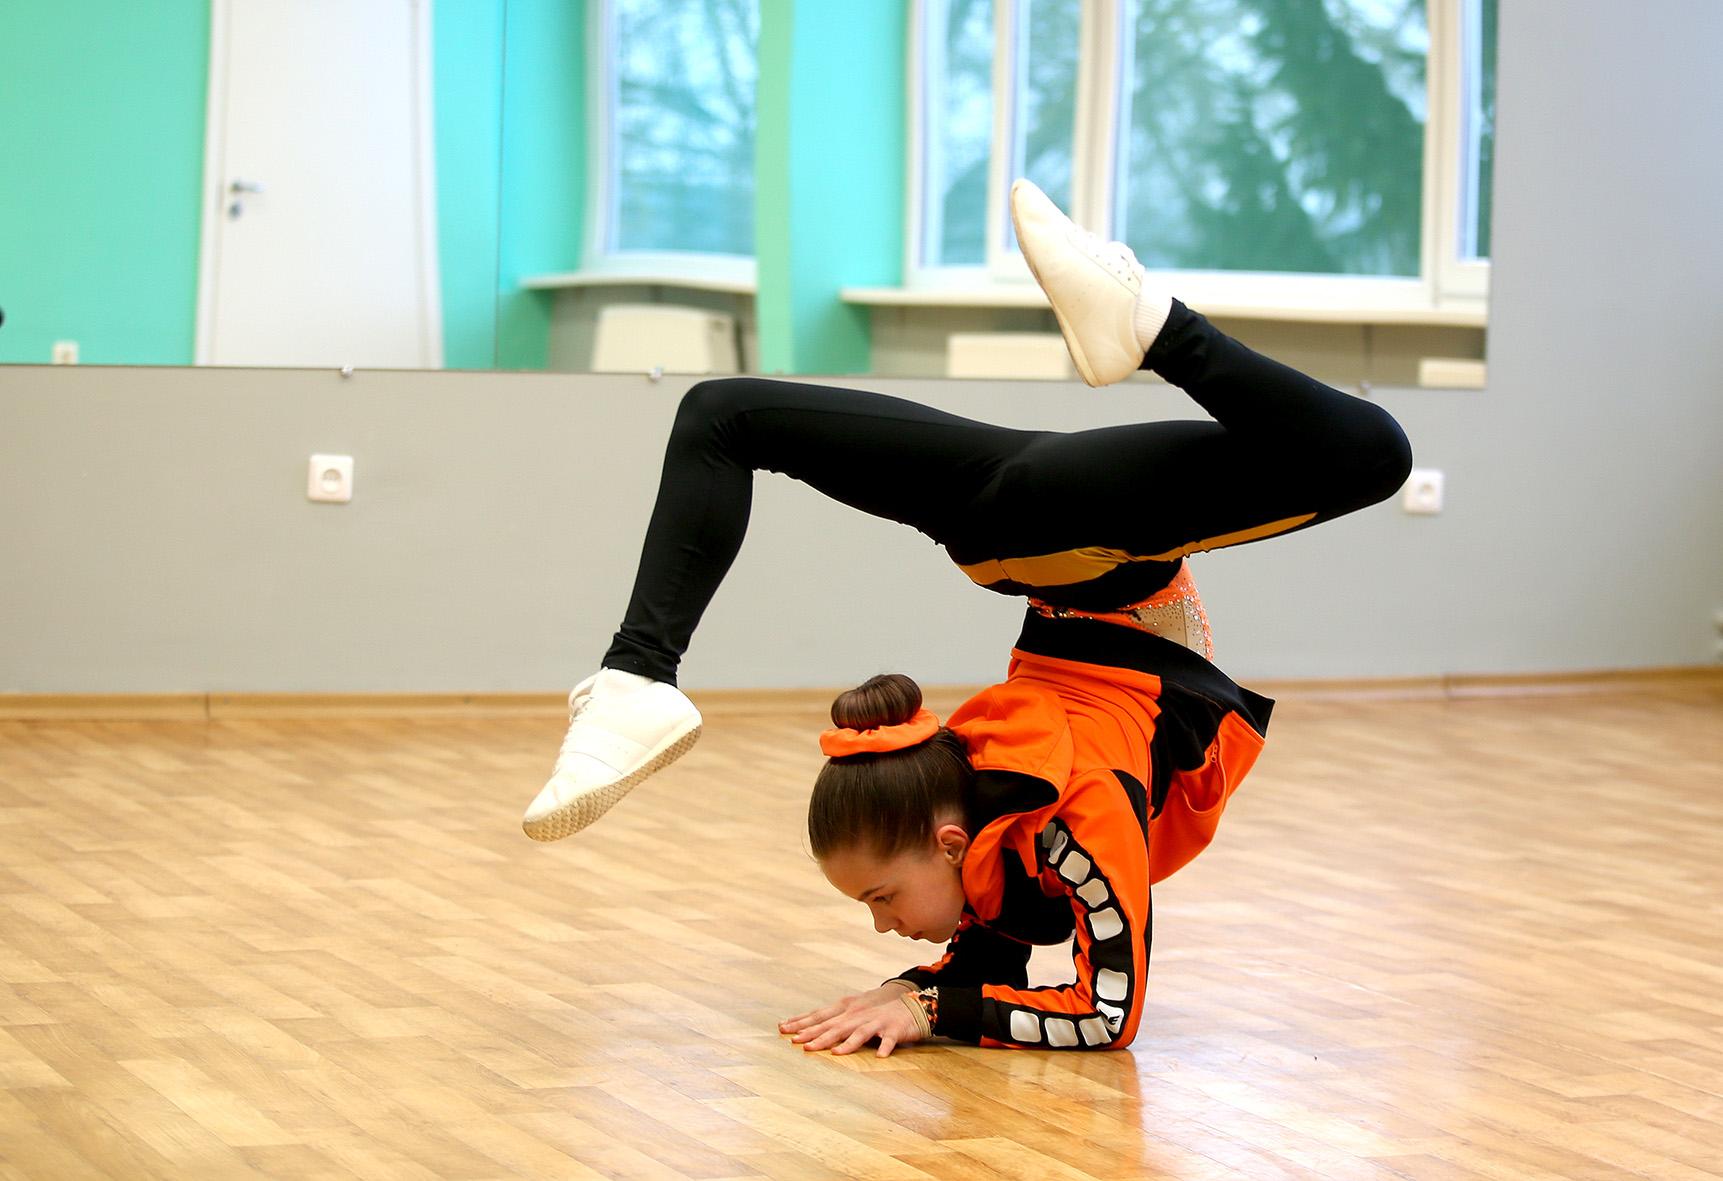 Nuo šių metų Laineta jau galės dalyvauti tarptautinėse varžybose, kadangi jos pasiekimai yra maksimaliai aukšti. Nuo šių metų sportininkė jau priklauso Tarptautinei aerobinės gimnastikos federacijai (FIG). A. Barzdžiaus nuotr.